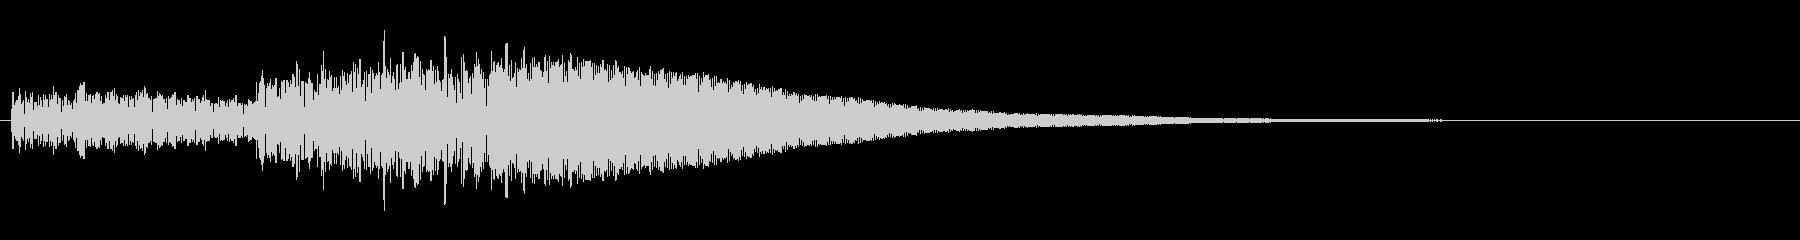 和太鼓Roll「どどどど…どん!」01の未再生の波形